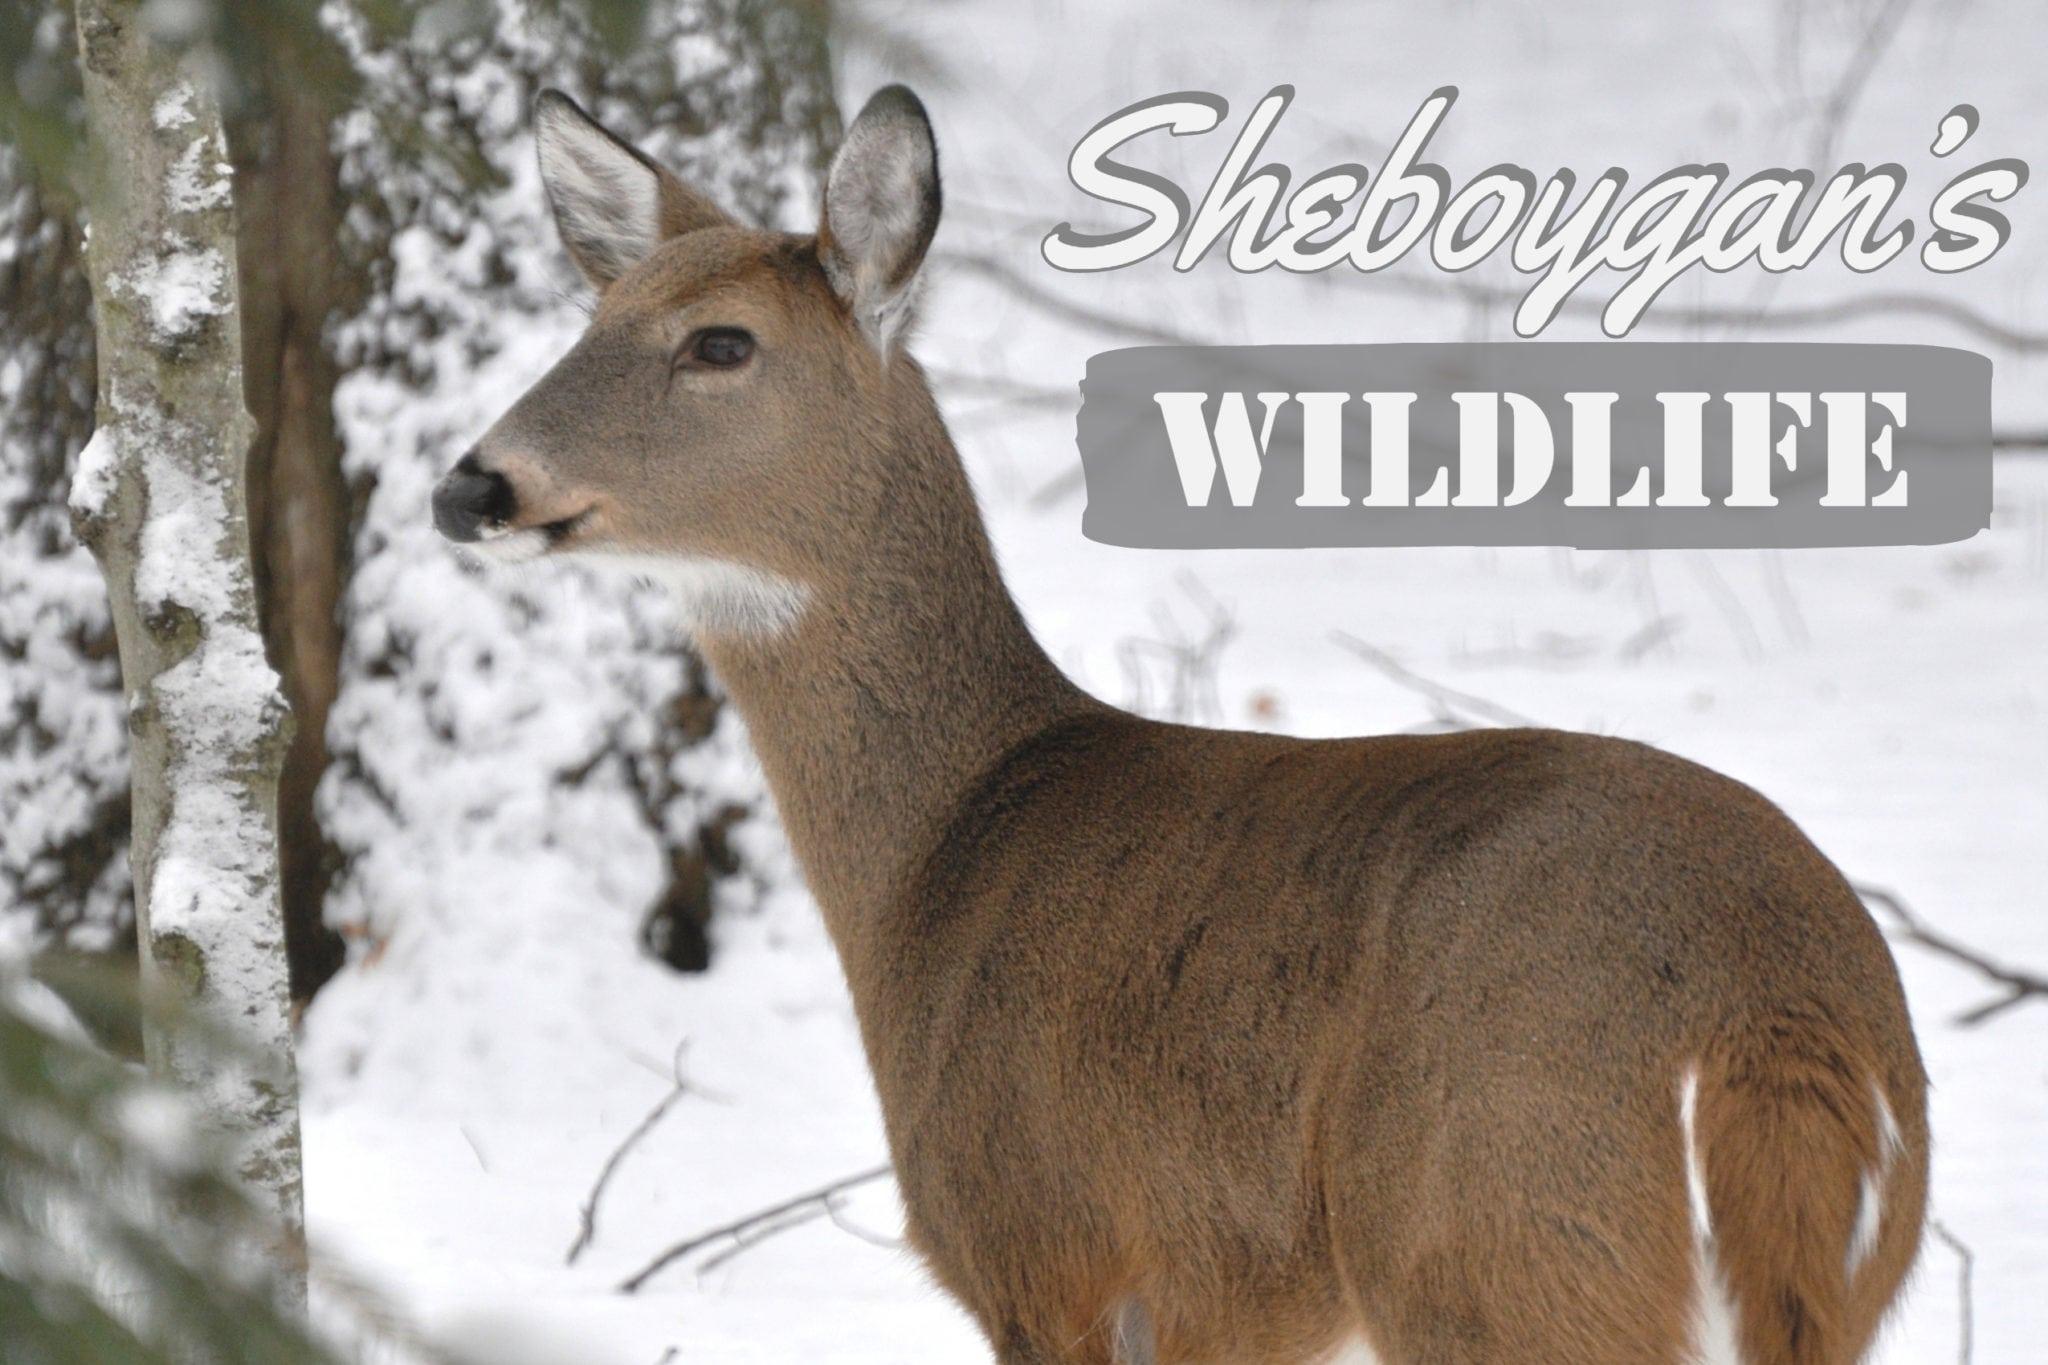 Sheboygan's Wildlife